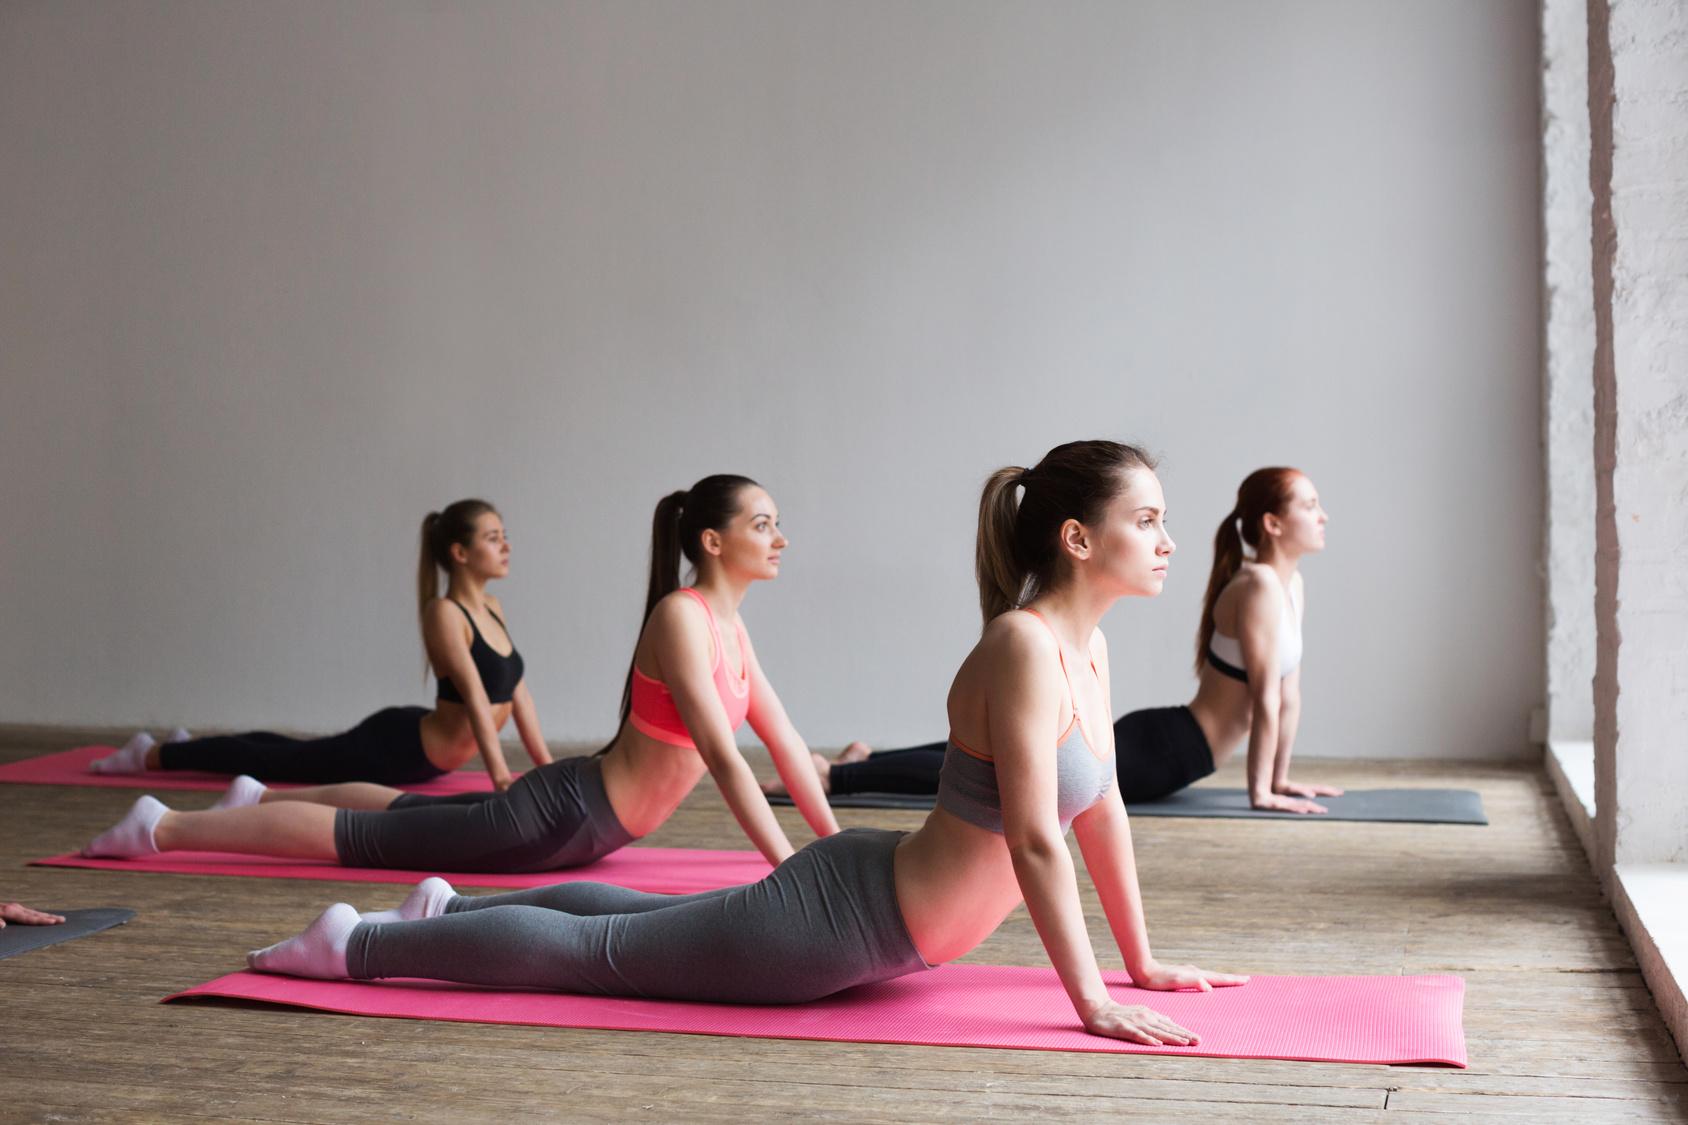 Bild zeigt Mitarbeiter, die Gesundheitsförderung und Prävention im Yogastudio betreiben, um ihre Resilienz zu stärken